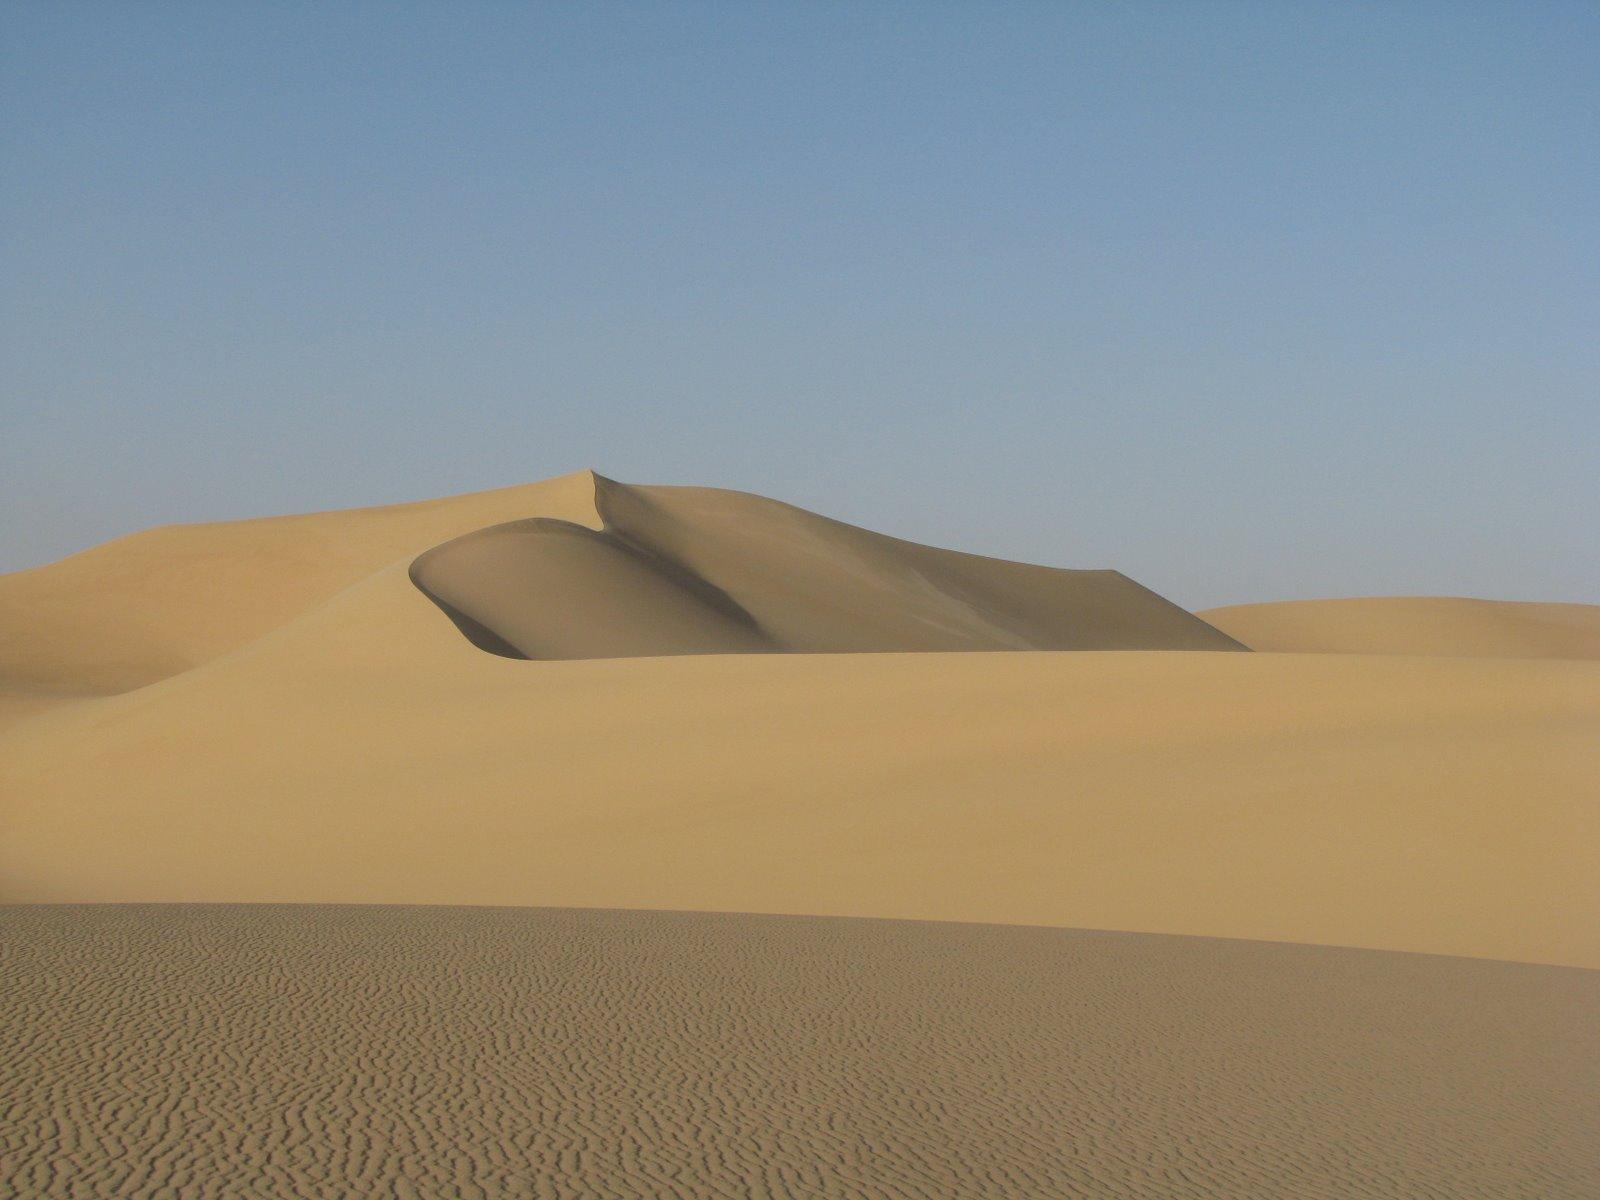 דיונה  - לטייל במדבר המערבי 2